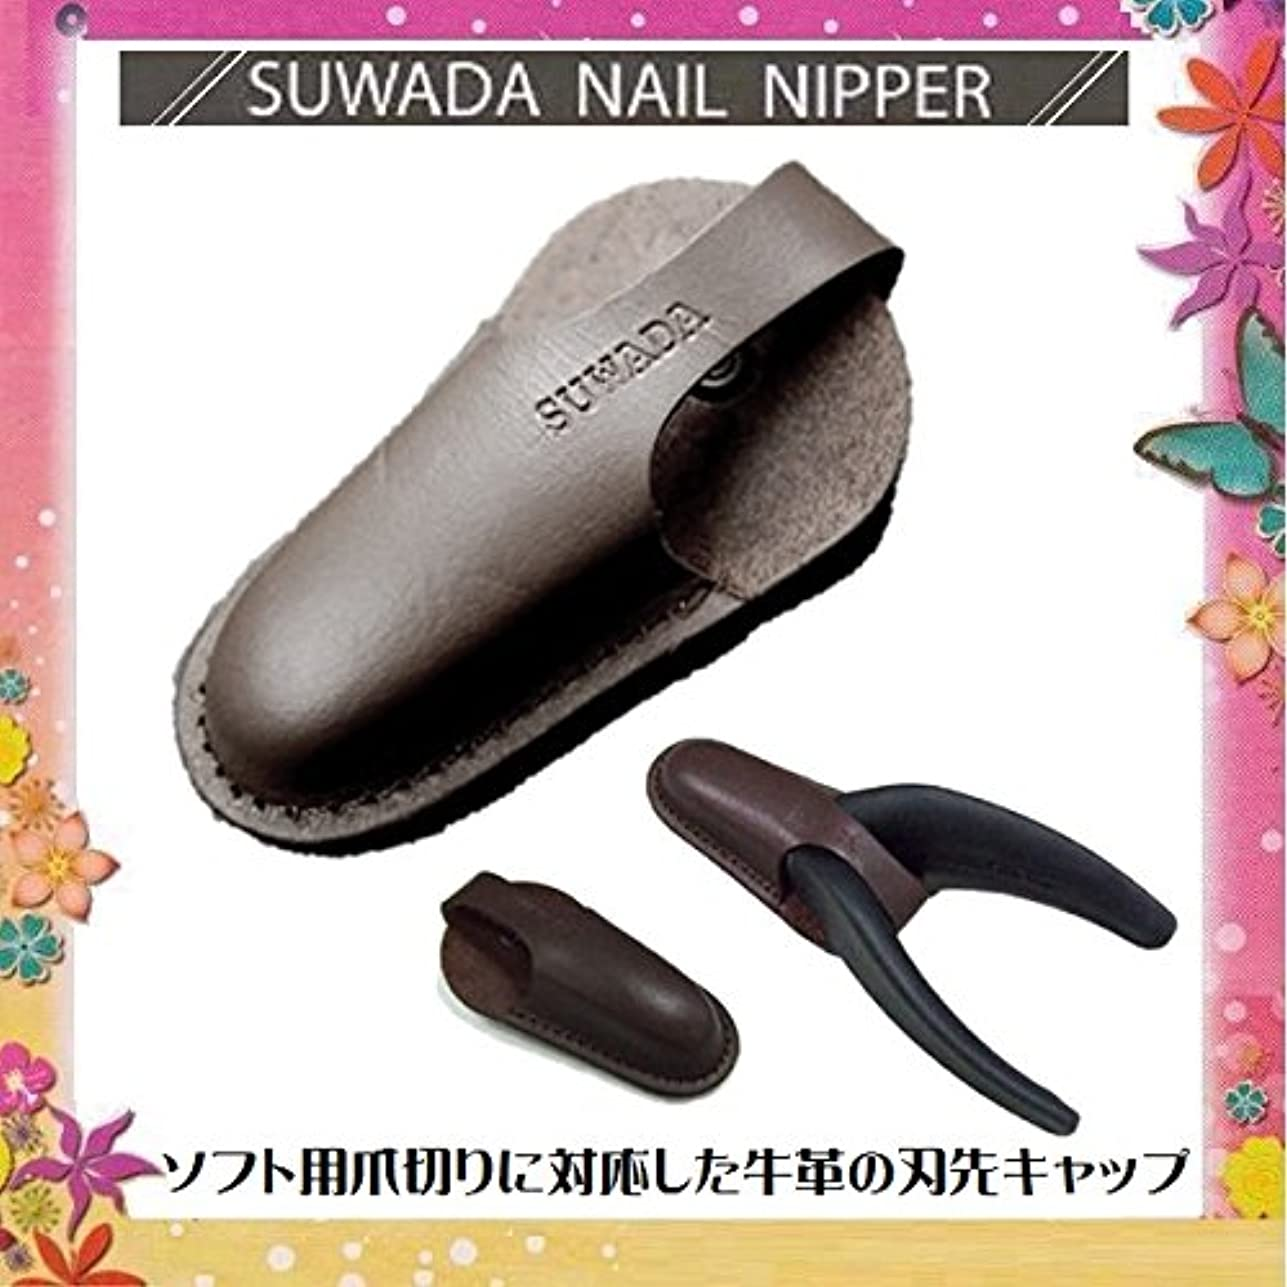 素晴らしき逃れる細いSUWADA(スワダ)爪切りソフト用 刃先キャップ